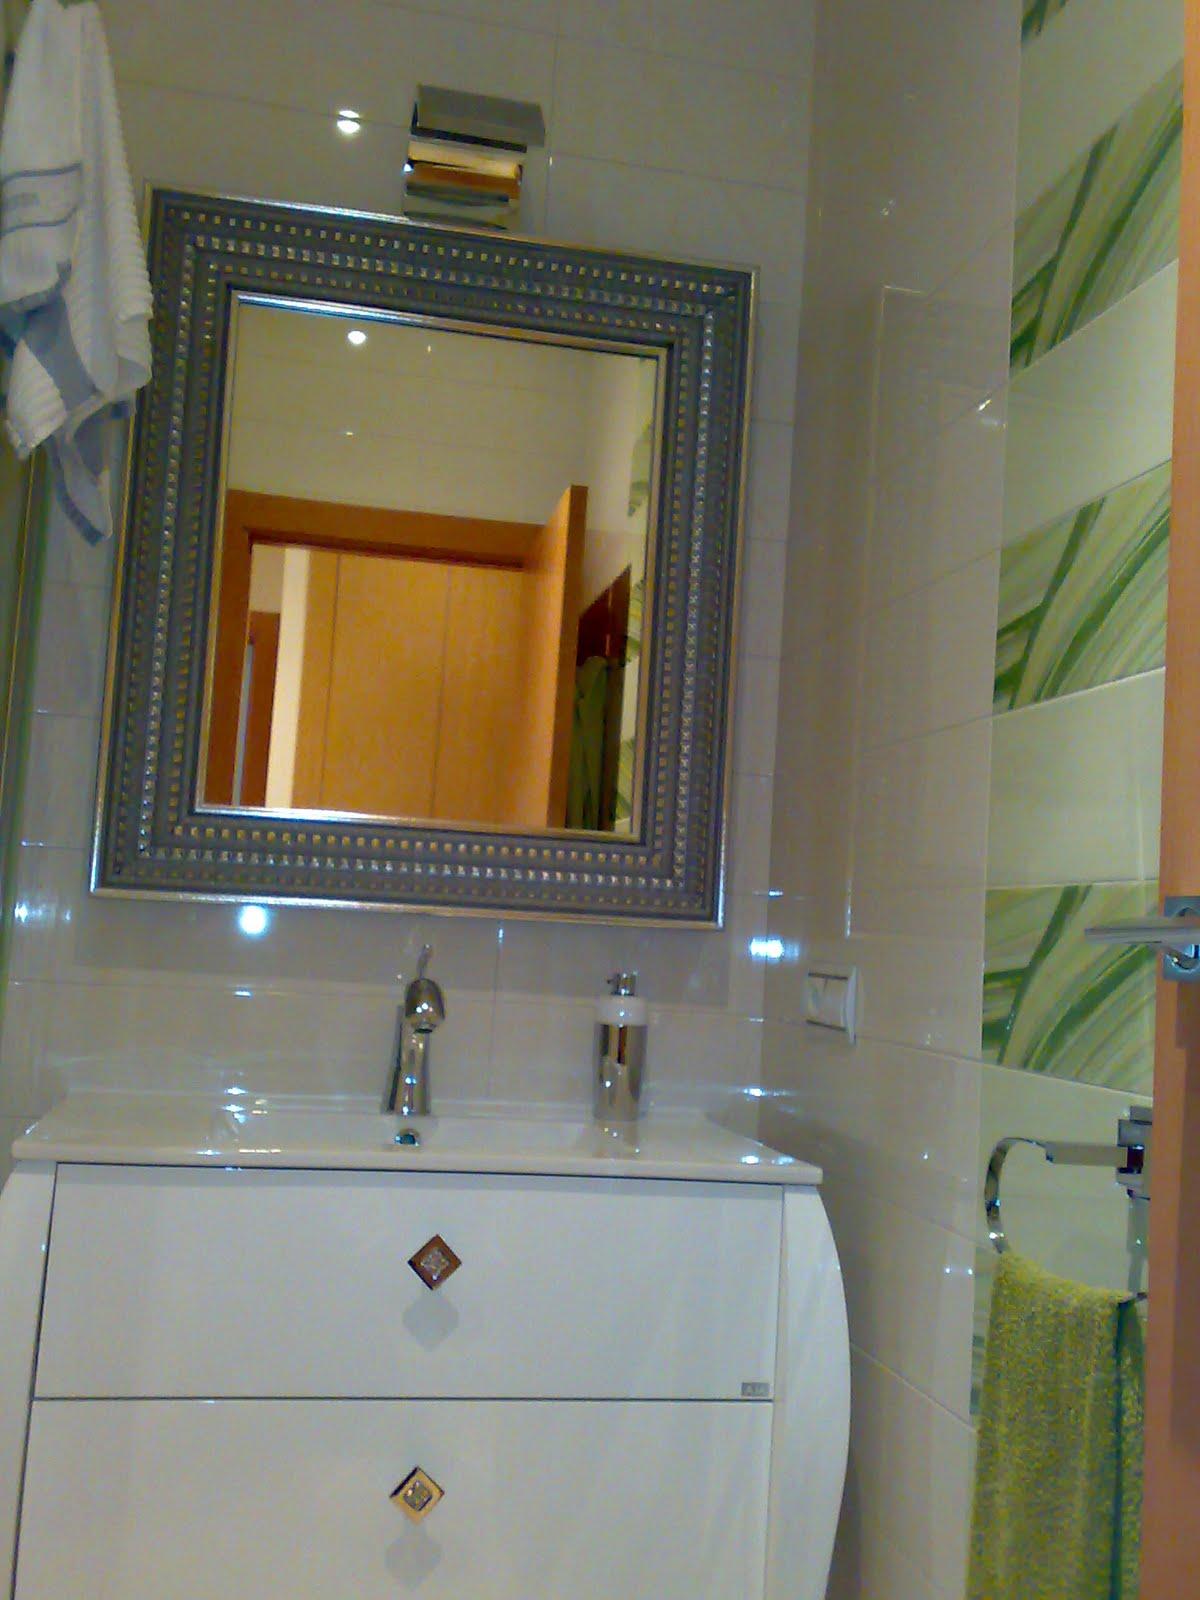 Azulejos Baño Verdes:BAÑO: Azulejos de gran formato en blanco todo el baño, en verde el